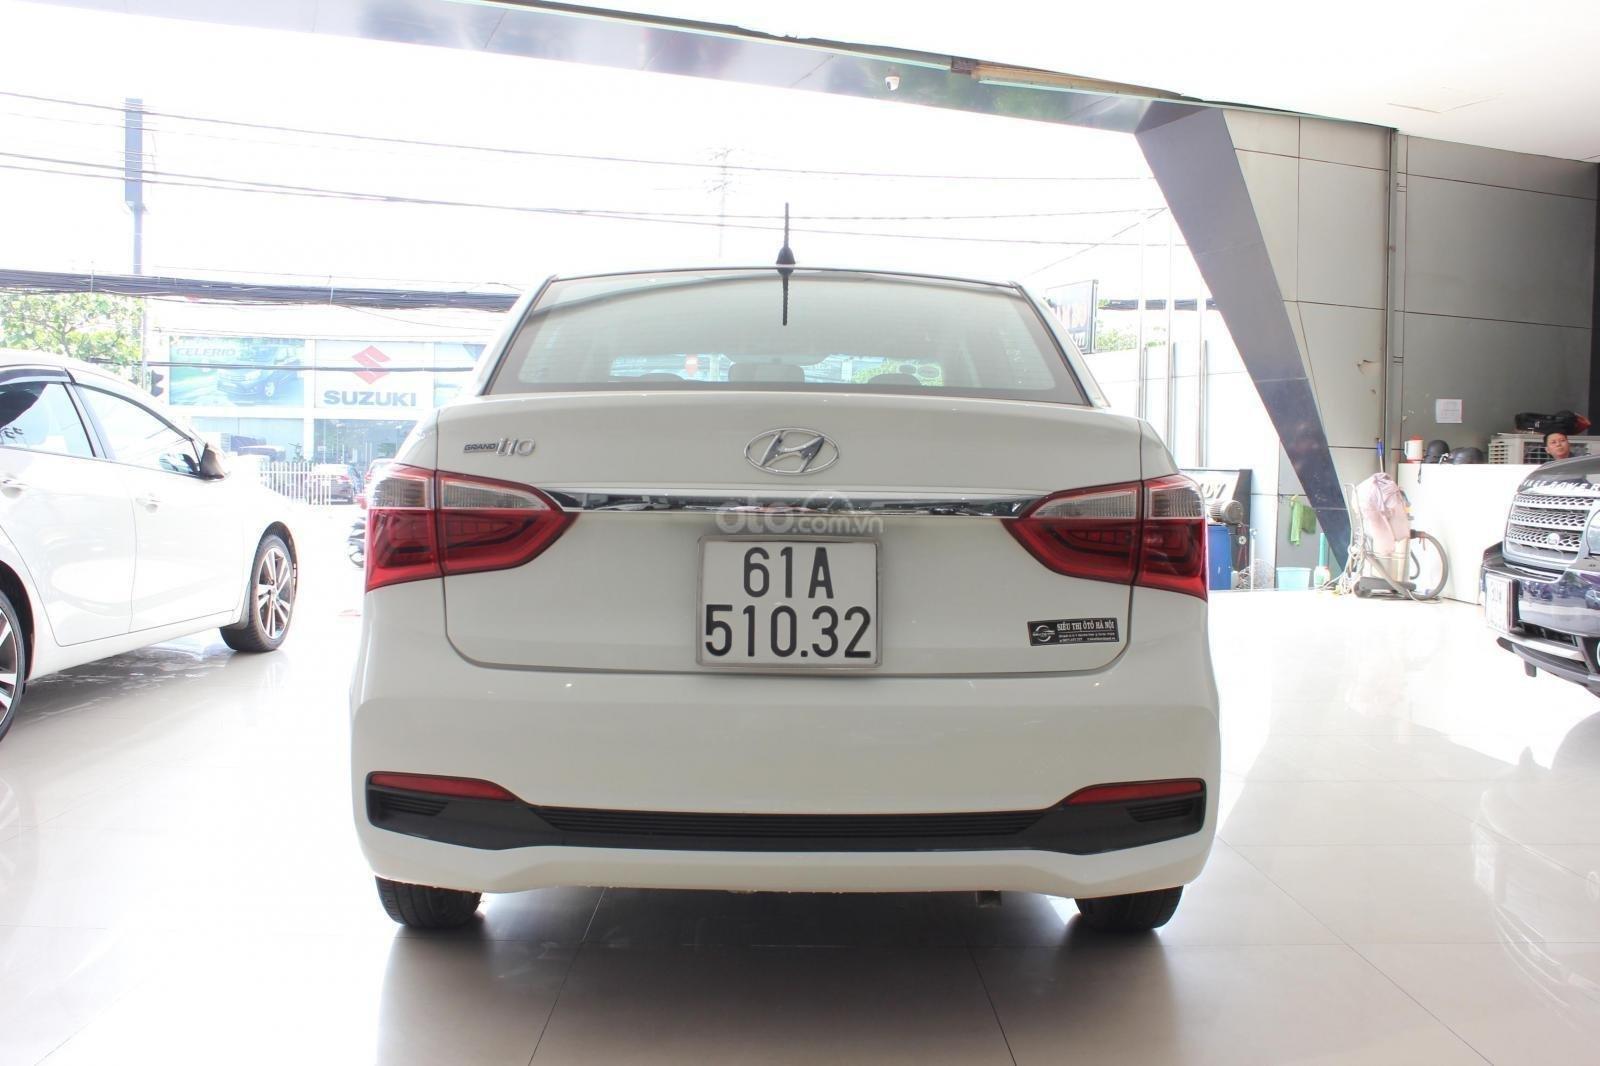 Bán xe Hyundai Grand i10 đời 2018, màu trắng, 335 triệu (4)